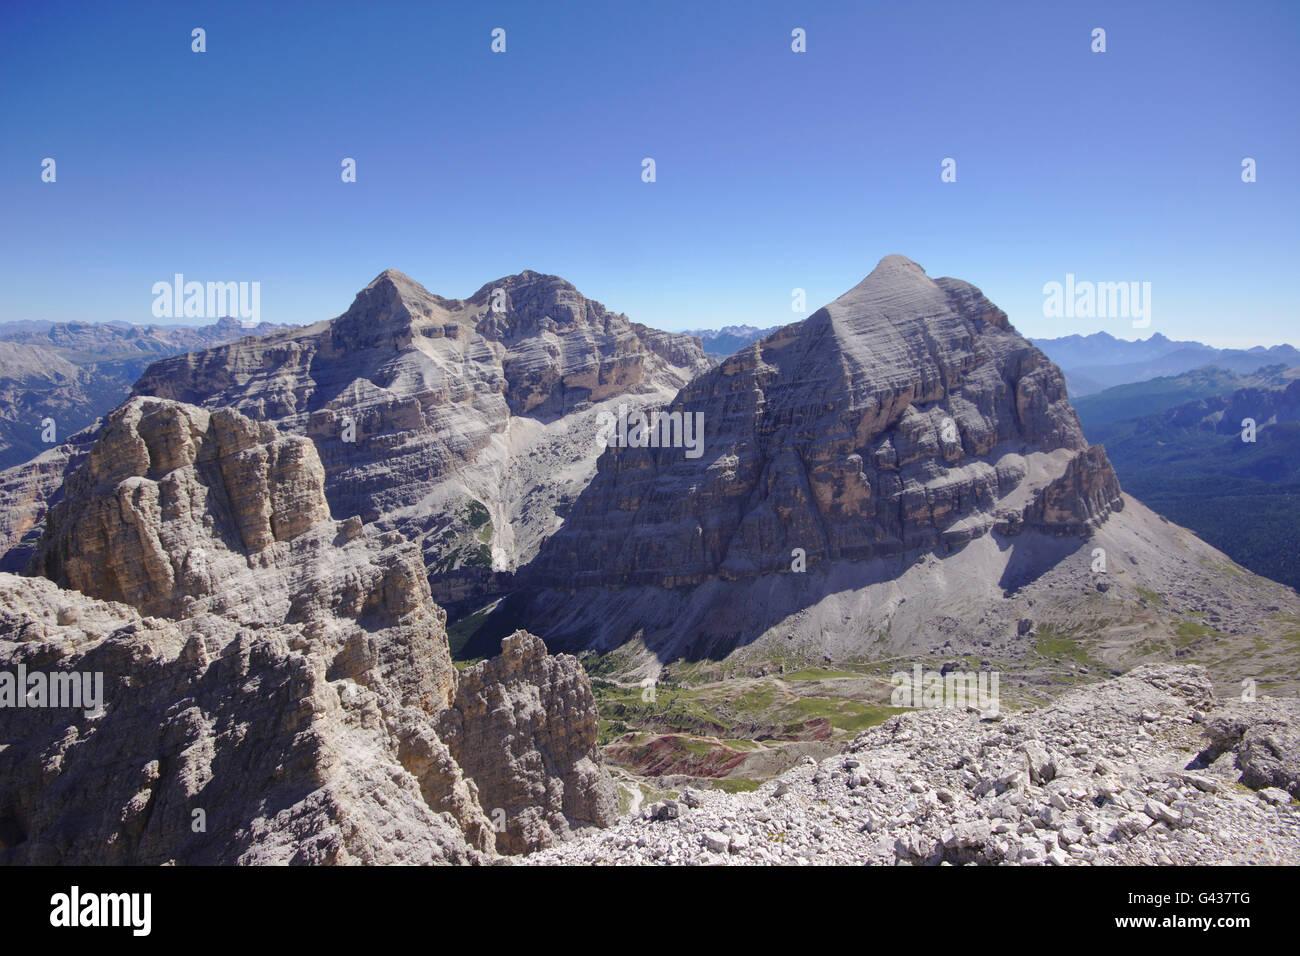 Torre di Fanes, Tofana (Tofana di dentro e Tofana di Mezzo, Tofana di Rozes) da Fanes sud (via ferrata Tomaselli), Immagini Stock